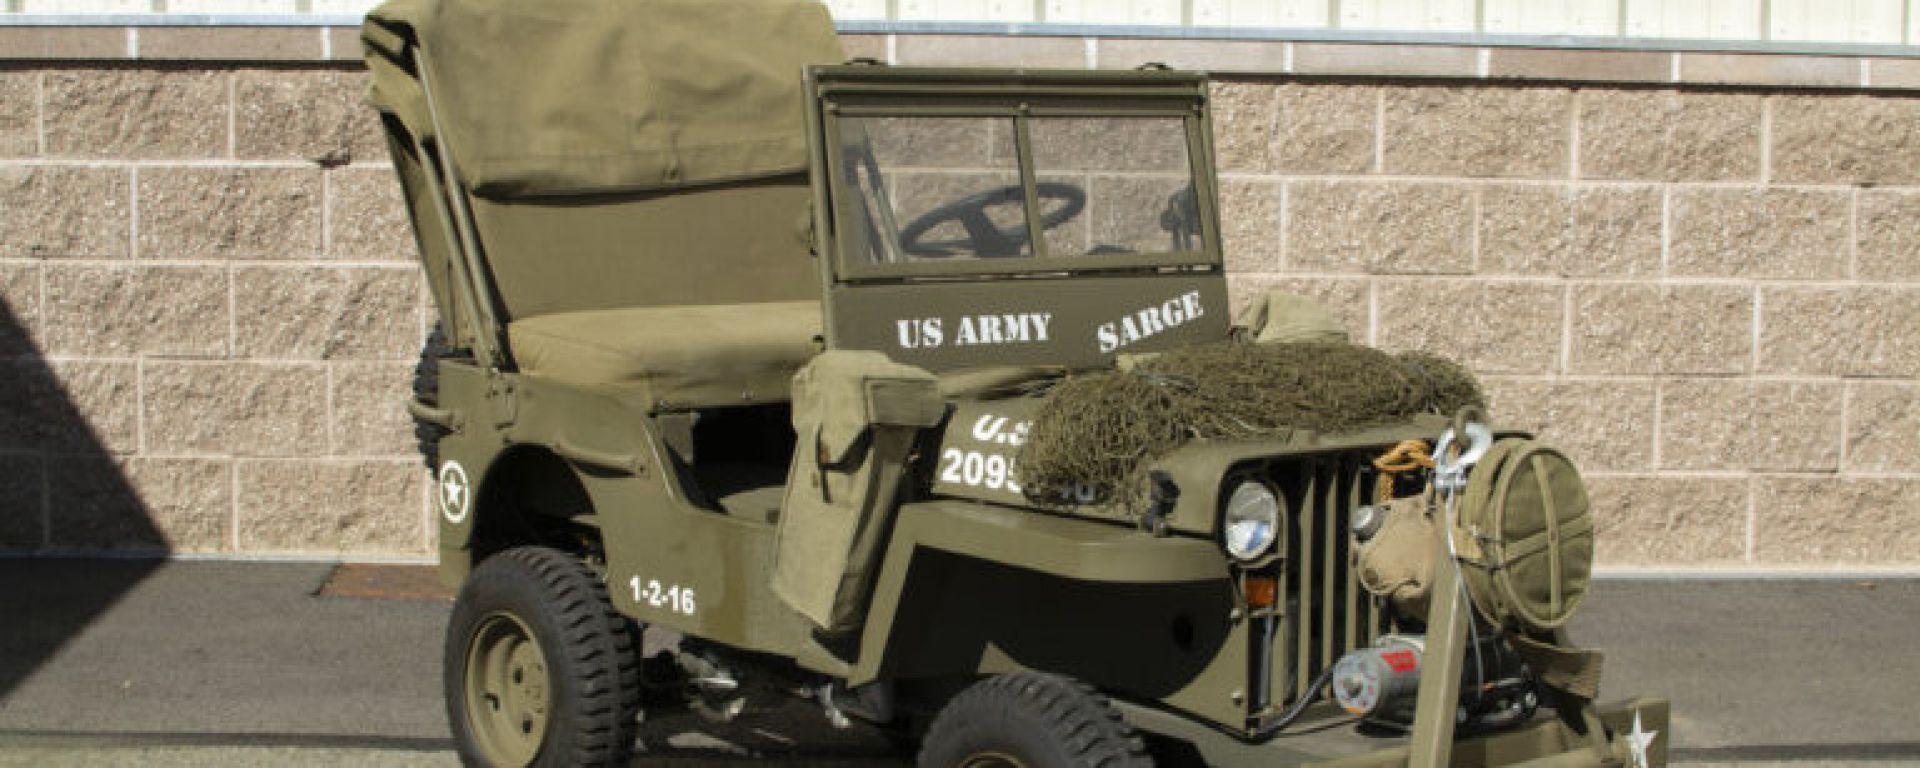 Mini Jeep Willys: il modello in scala del fuoristrada americano della Seconda guerra mondiale